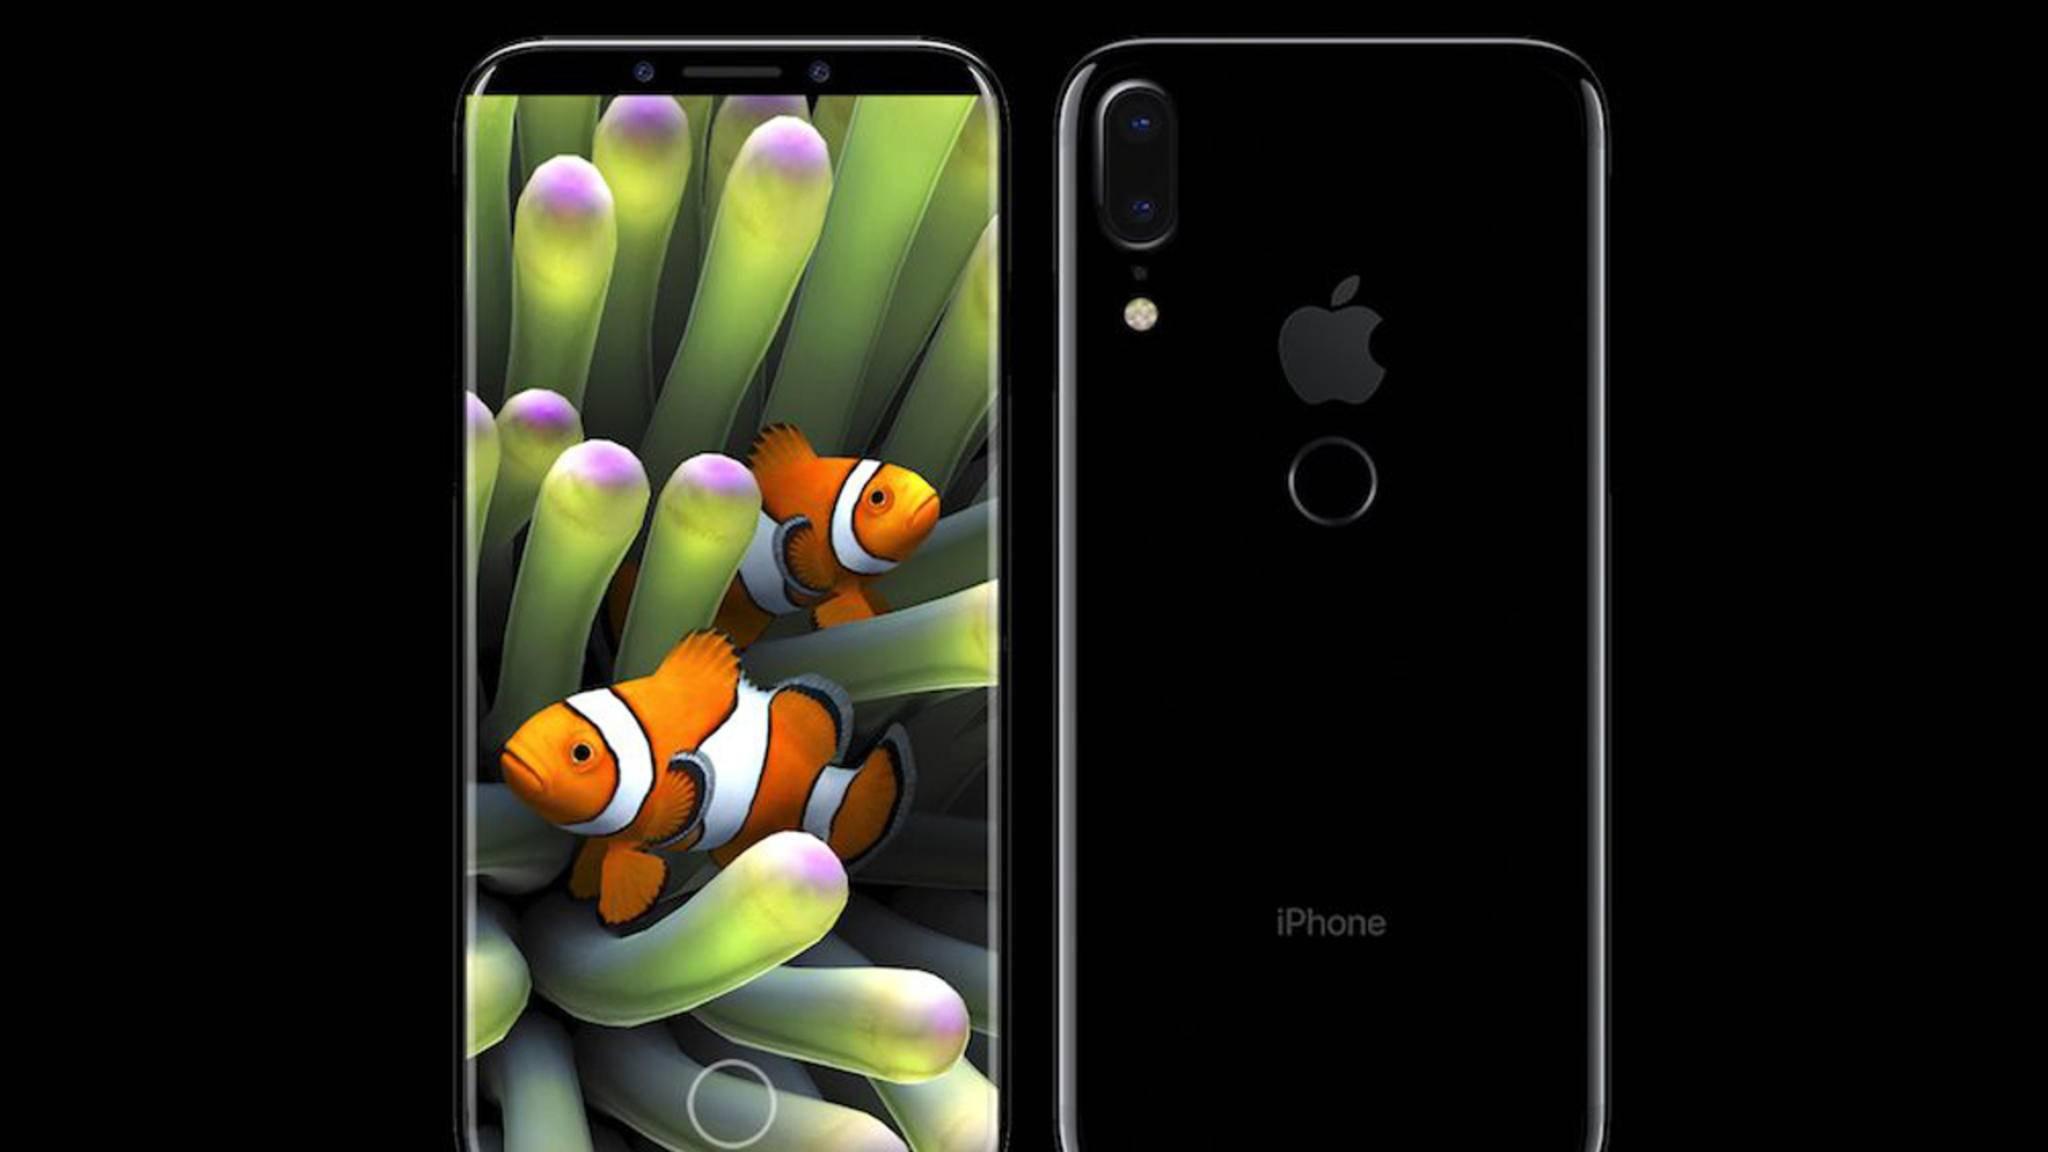 Sitzt beim iPhone 8 der Fingerabdruckscanner auf der Rückseite?